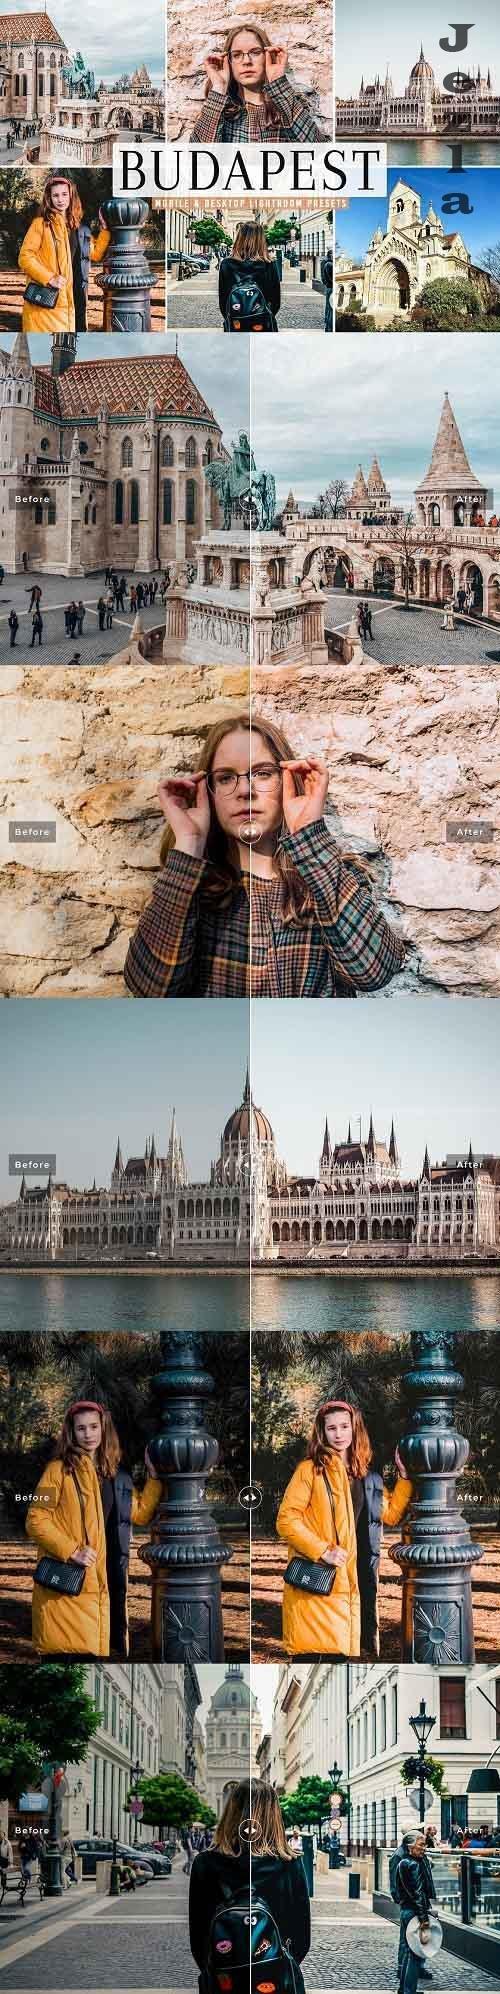 Budapest Pro Lightroom Presets - 5479029 - Mobile & Desktop